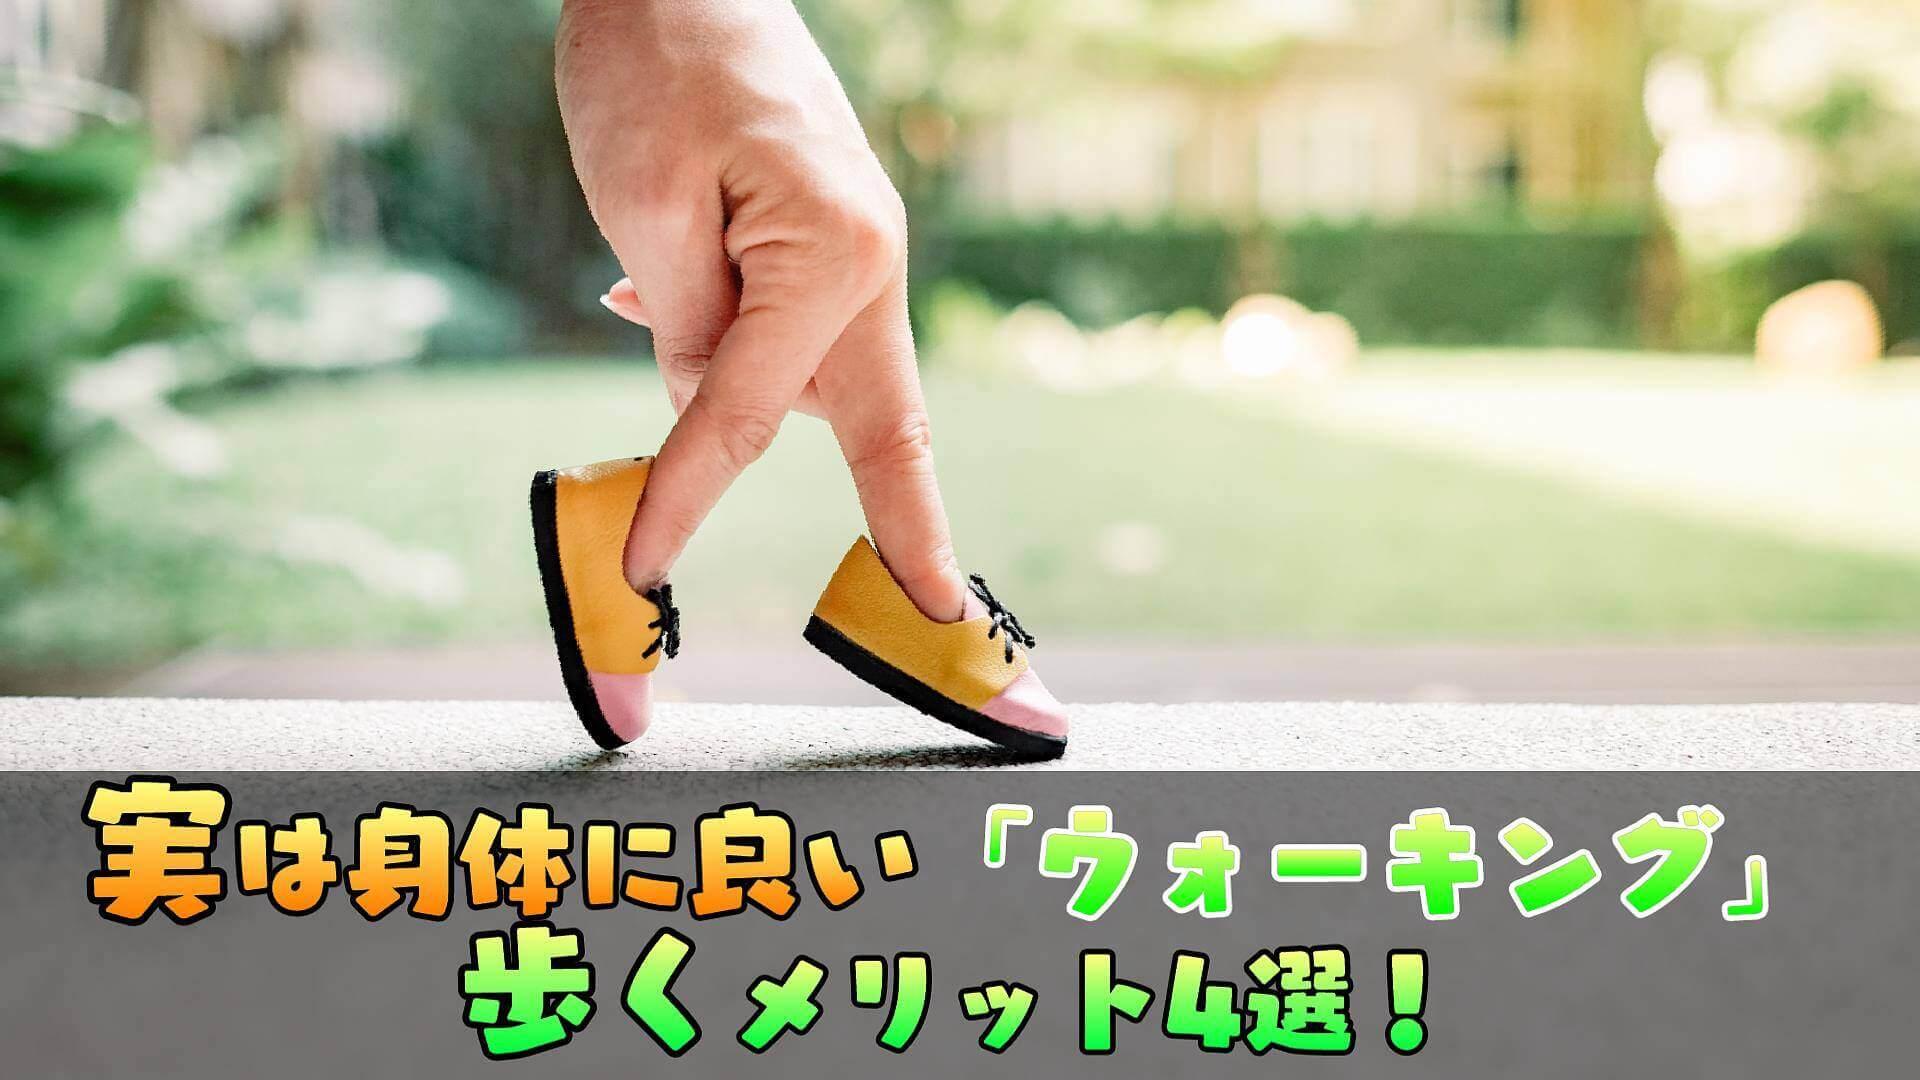 1日30分!手軽な運動「ウォーキング」歩くことで得られるメリット4選【観光地で歩こう】